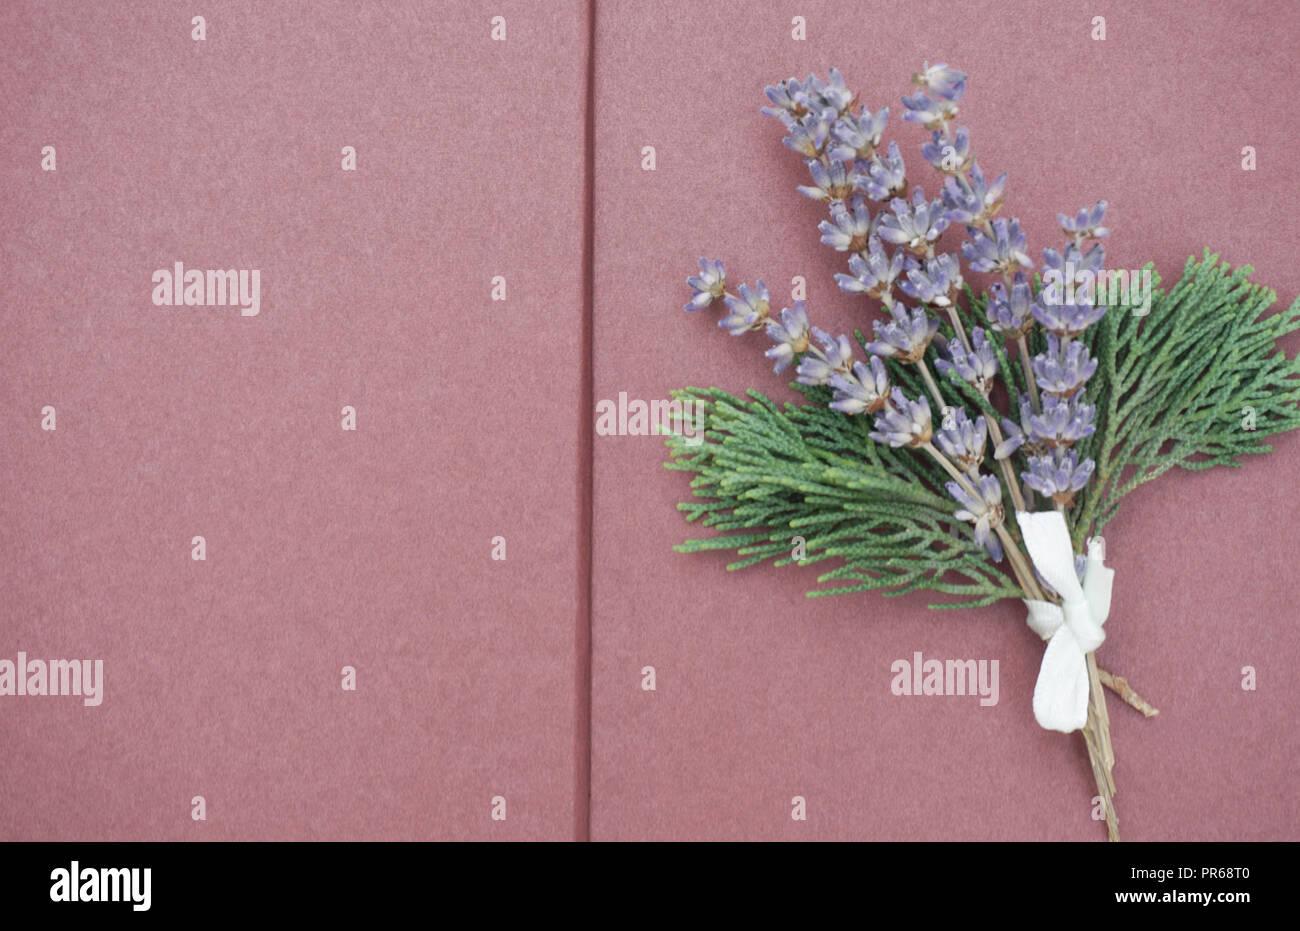 Ouvrir les pages vierges de scrapbook avec bouquet de lavande lilas et branches vertes sur le côté droit. Copie gratuite de l'espace pour texte Photo Stock